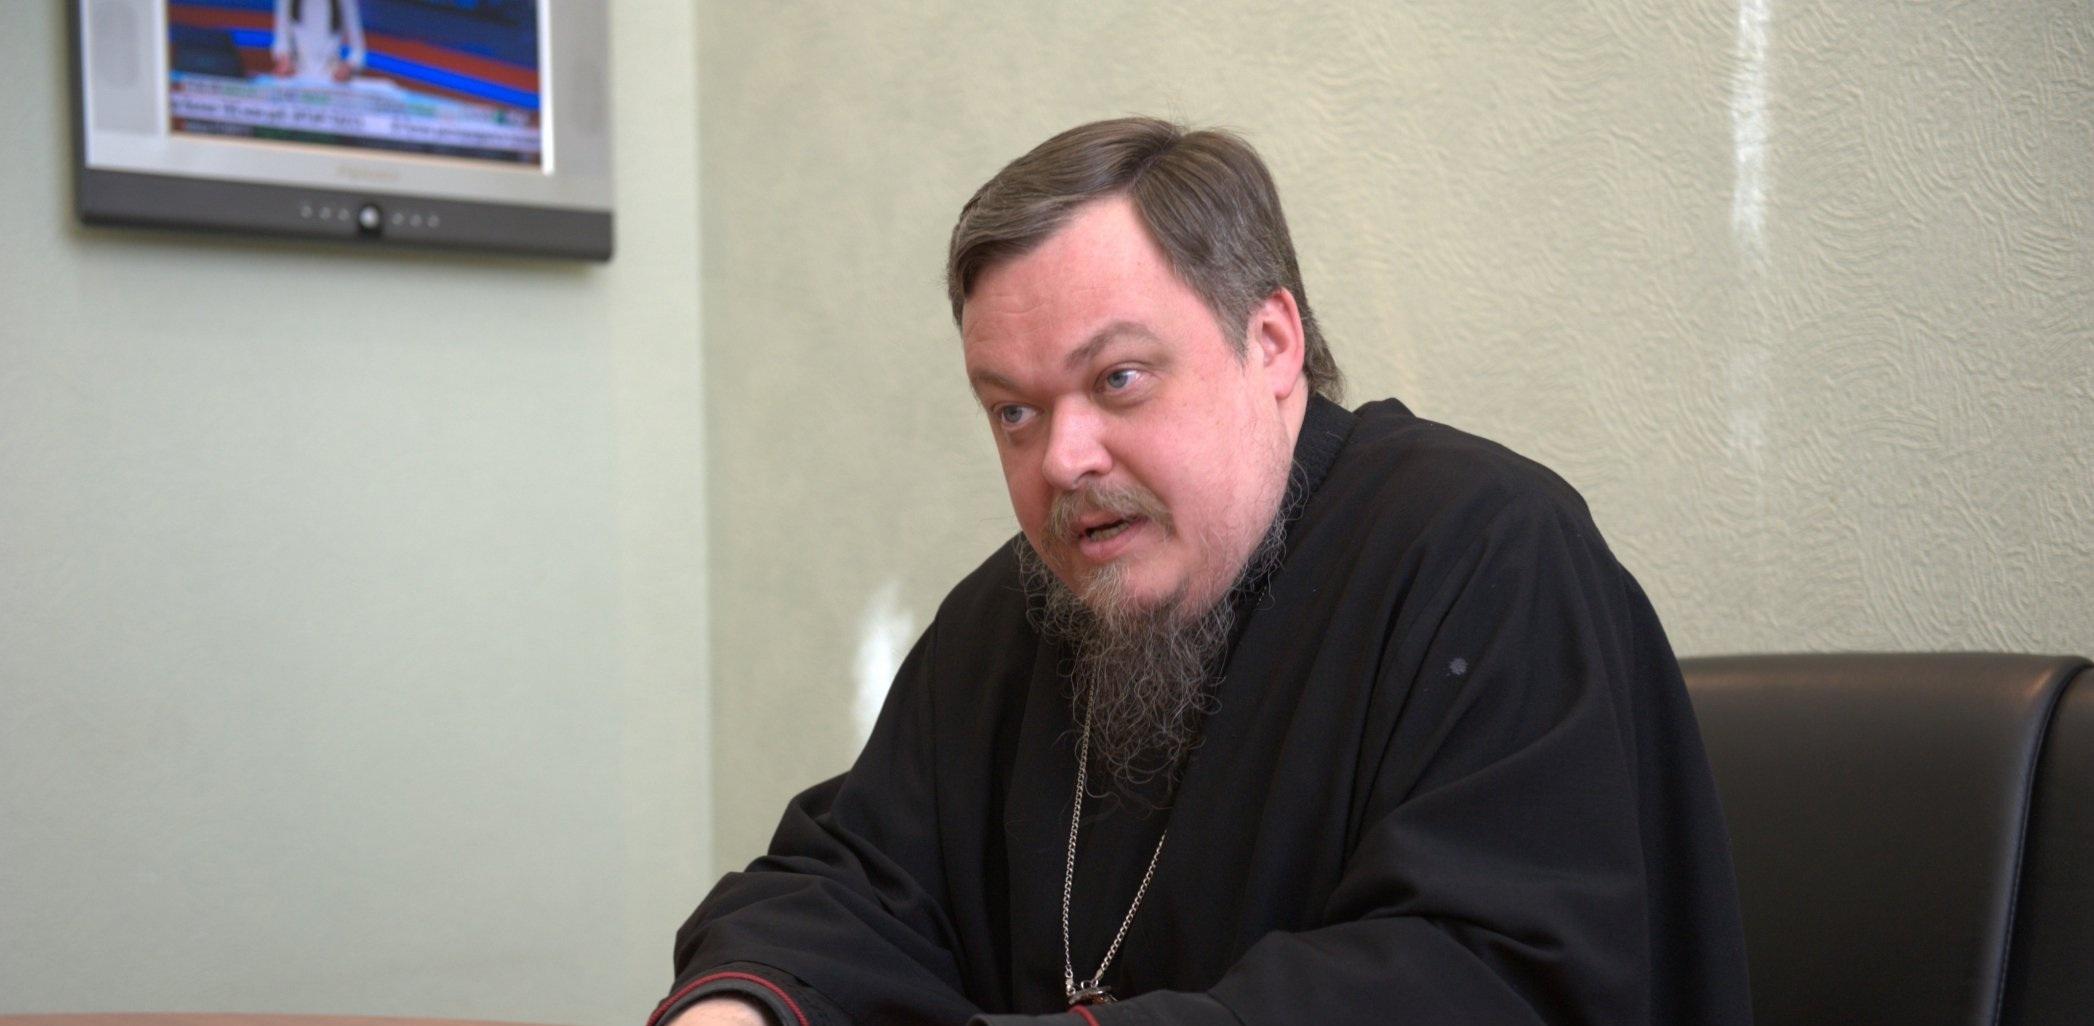 Блогера Сергея Колясникова обвинили в оскорблении чувств верующих из-за поста в ЖЖ о Всеволоде Чаплине